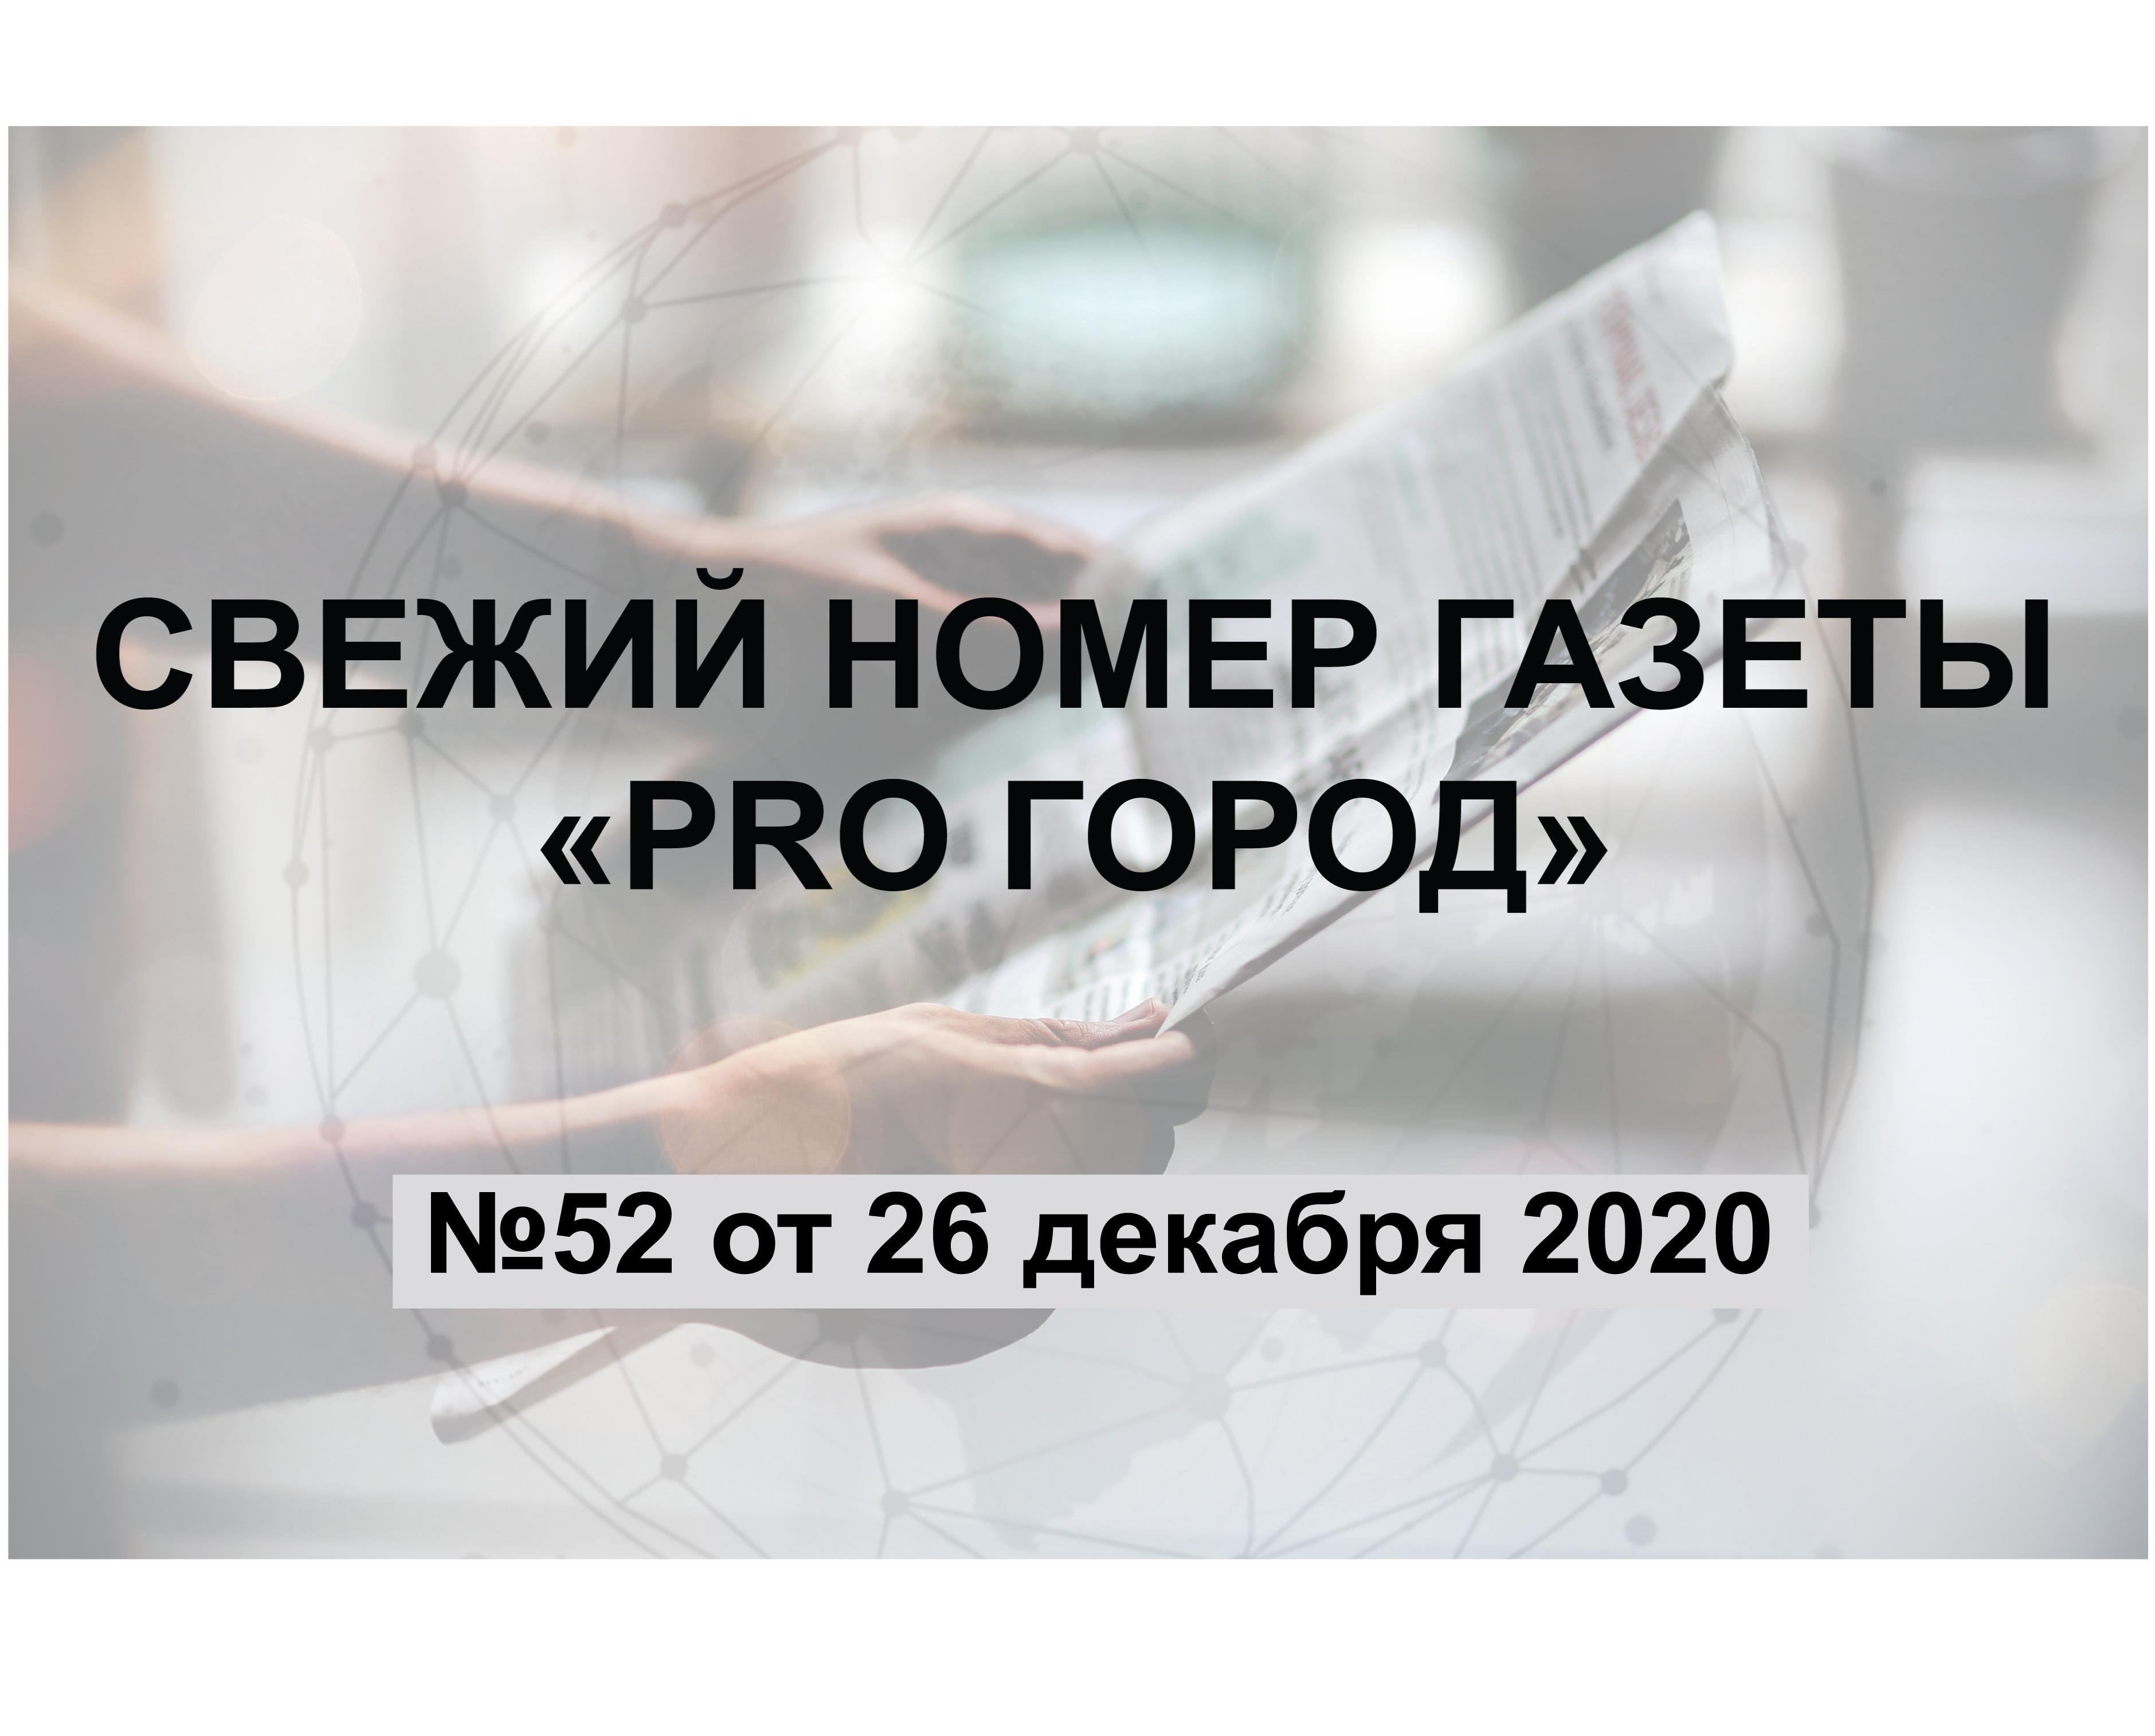 Газета «Pro Город Кирово-Чепецк» номер 52 от 26 декабря 2020 года